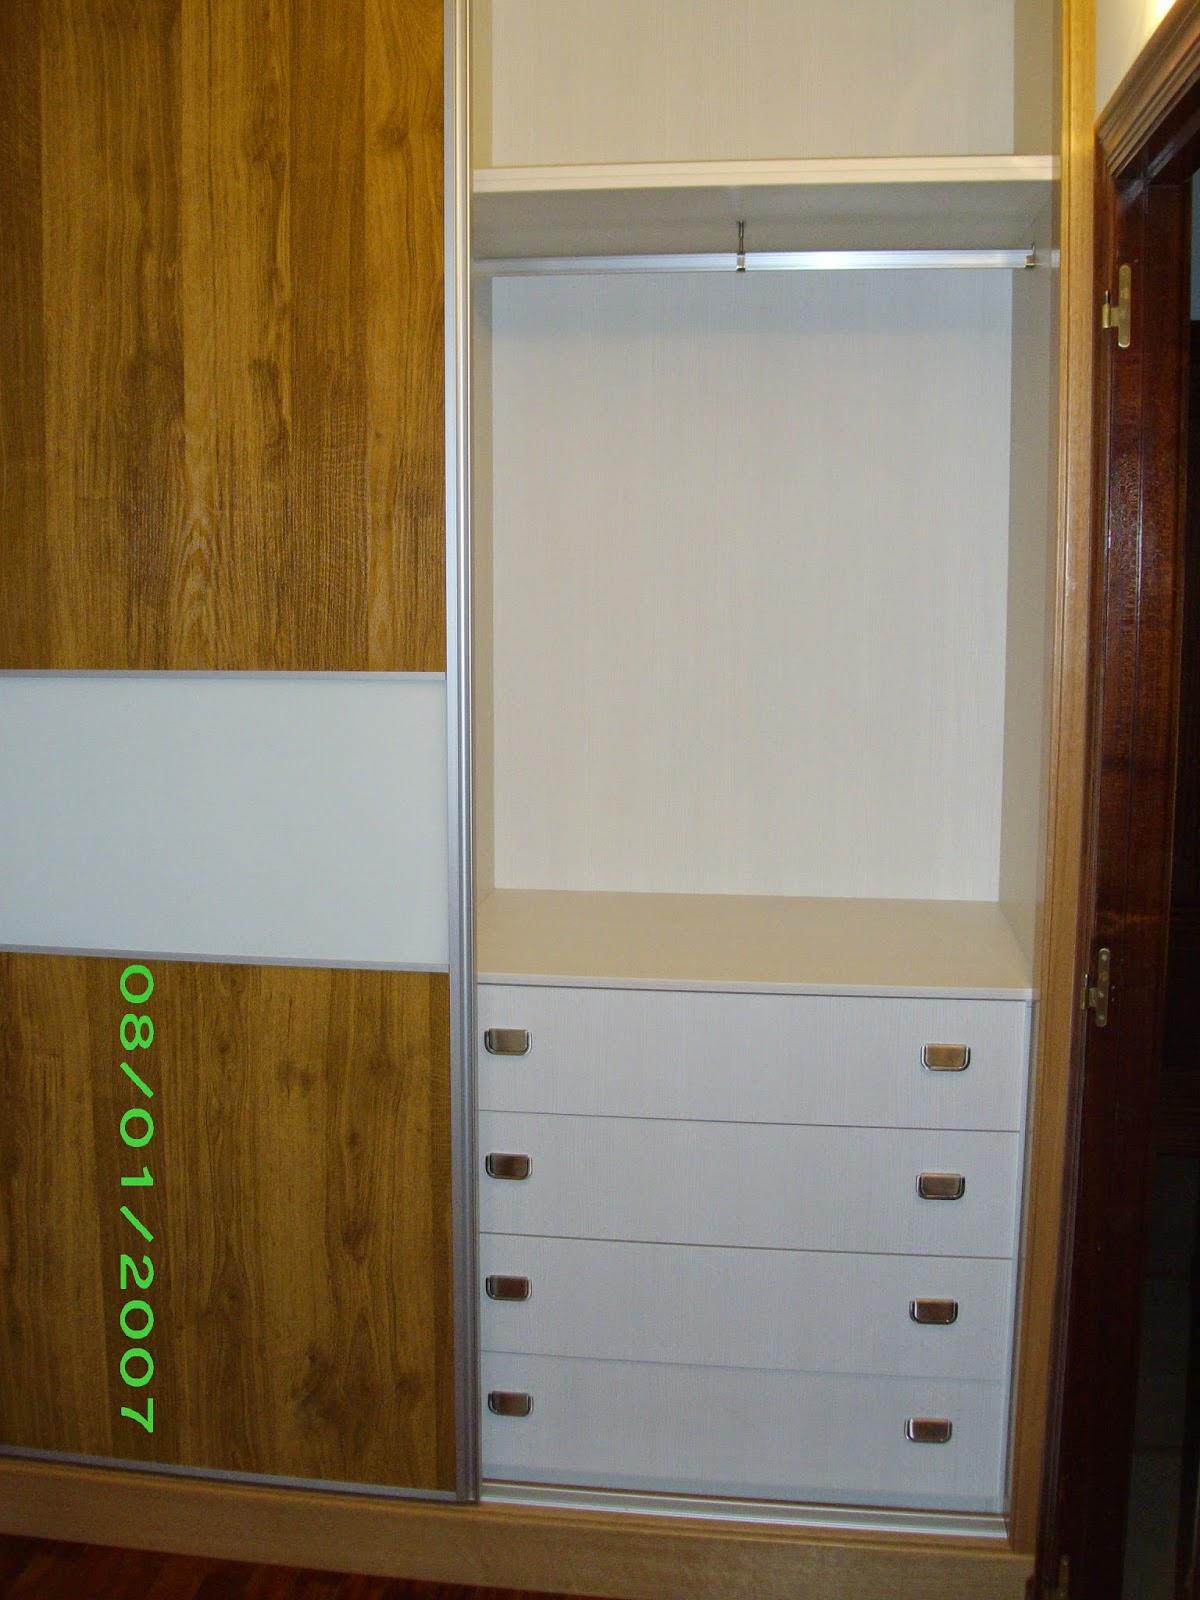 El gramil armarios empotrados empotrado puertas for Puertas japonesas